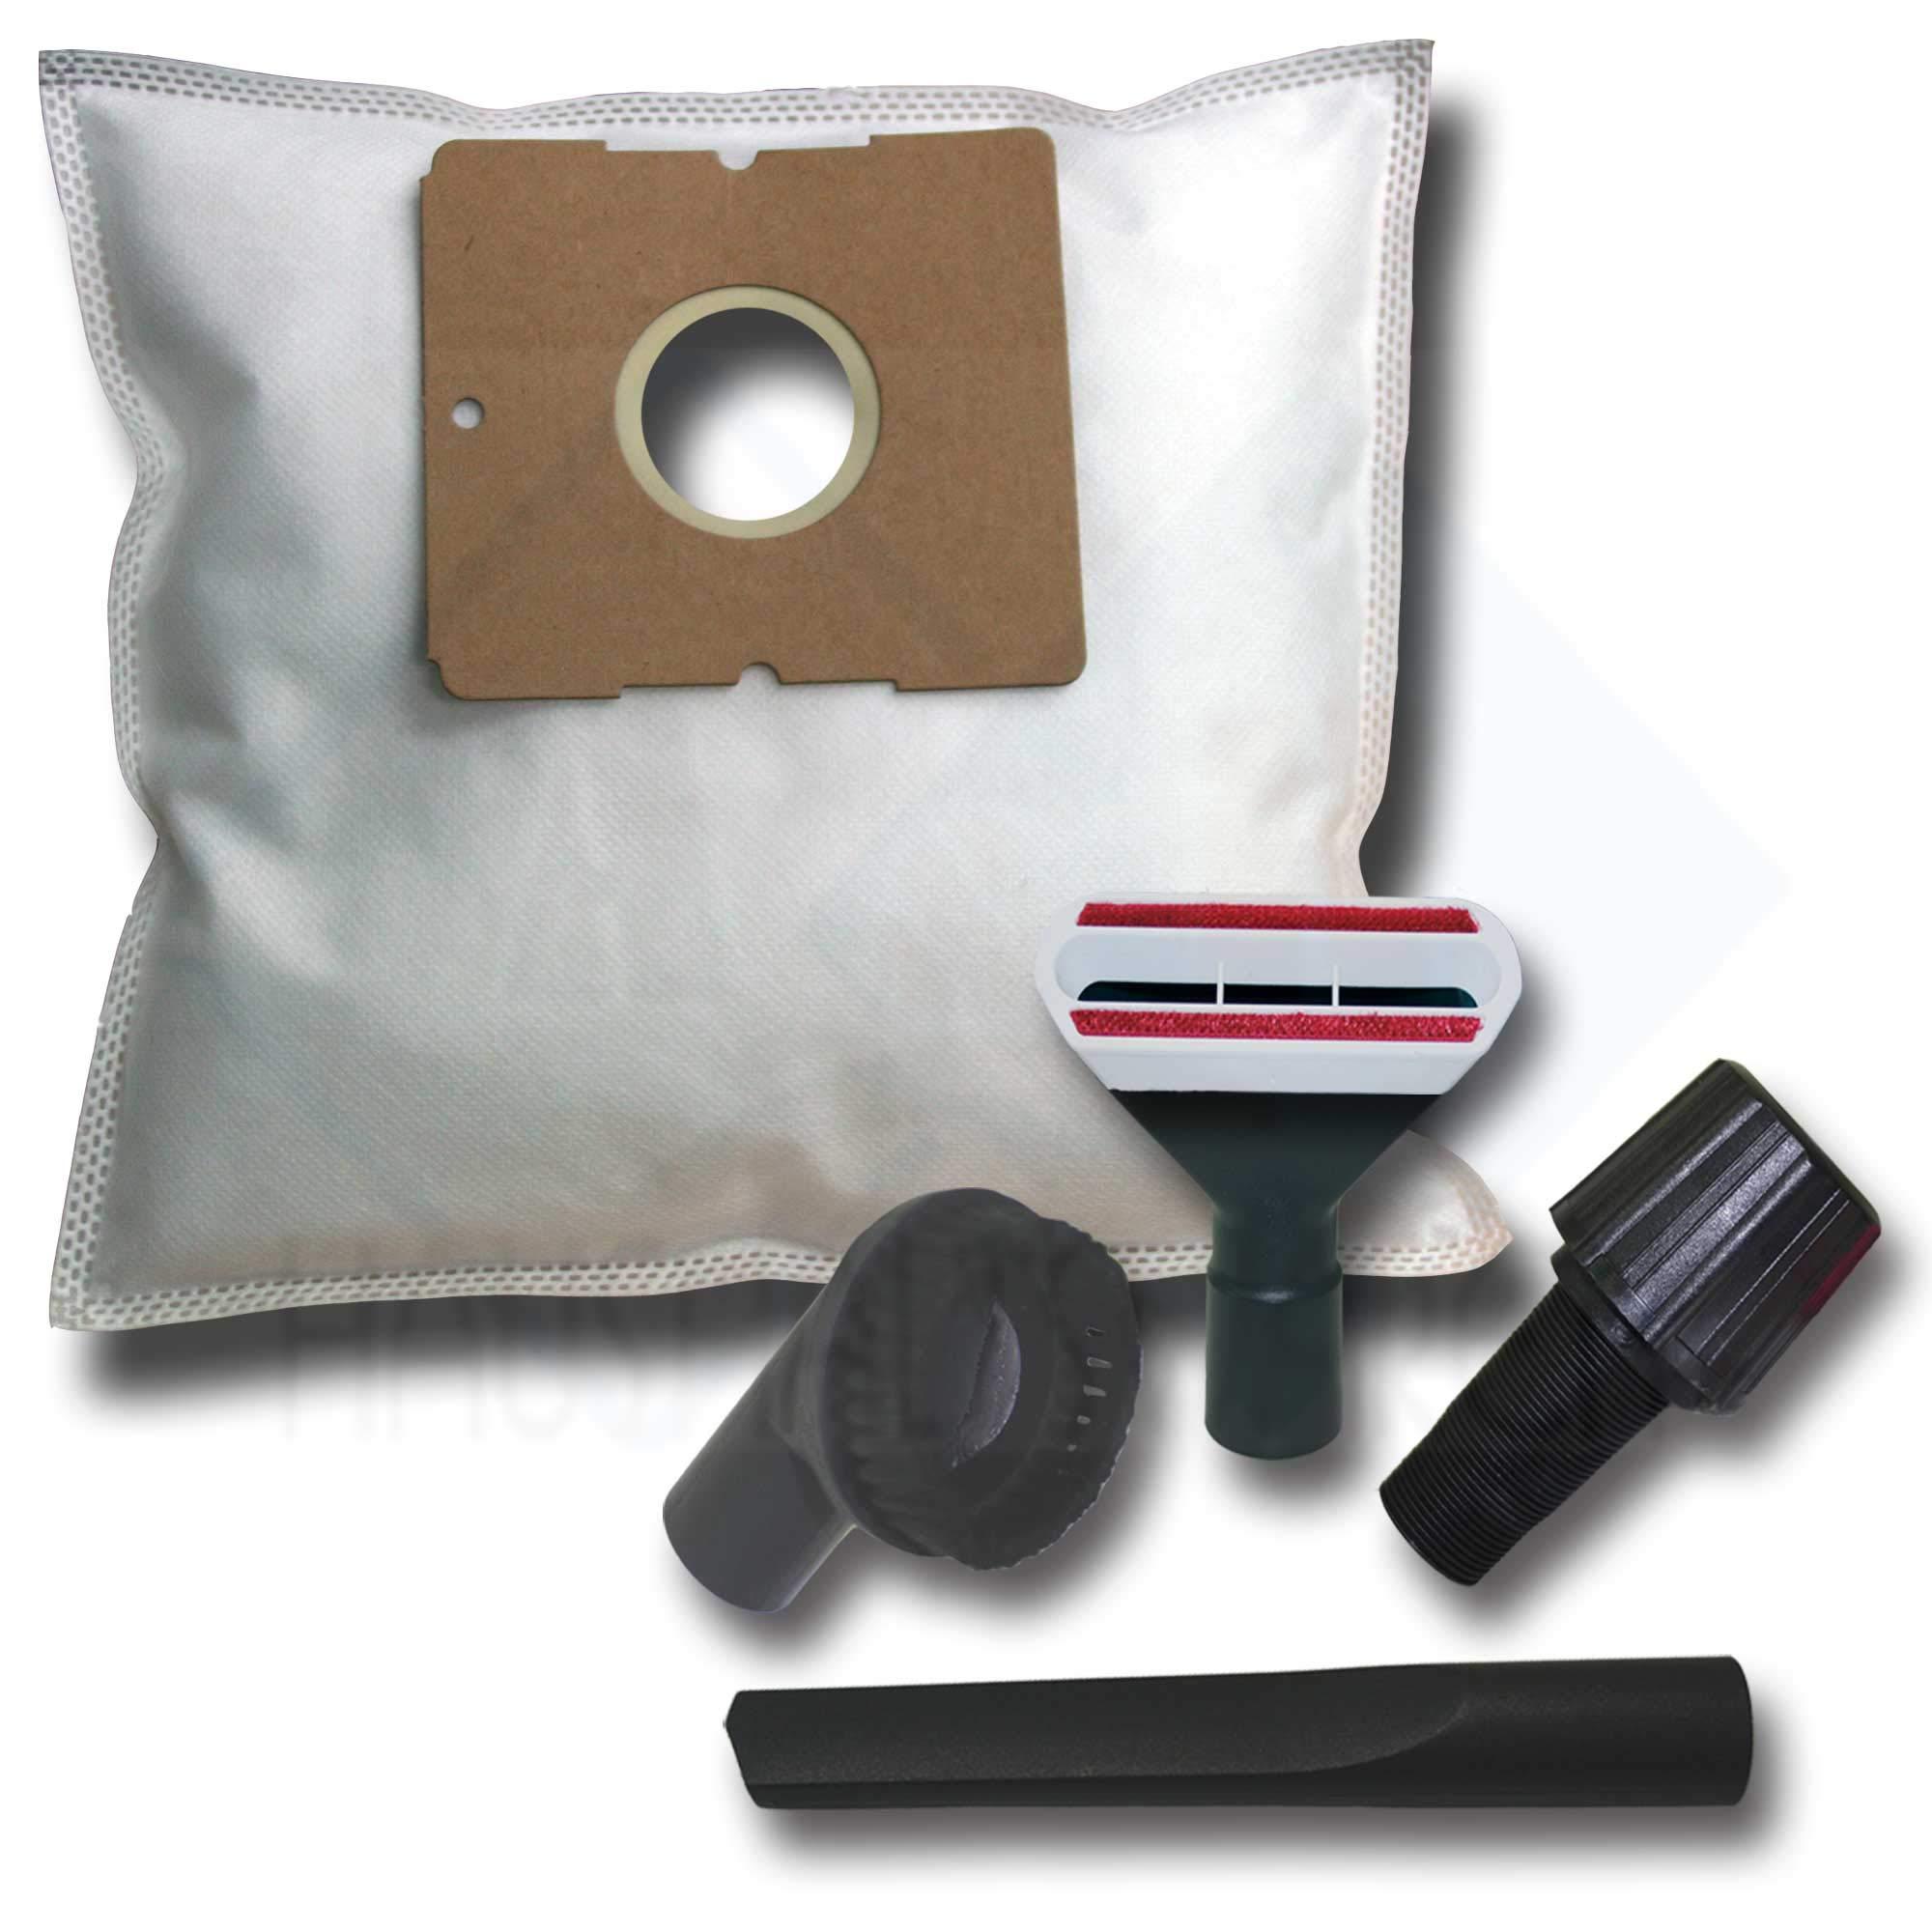 40 Bolsas de aspiradora + Juego de 4 boquillas para Solac A 303, 407, 501: Amazon.es: Hogar